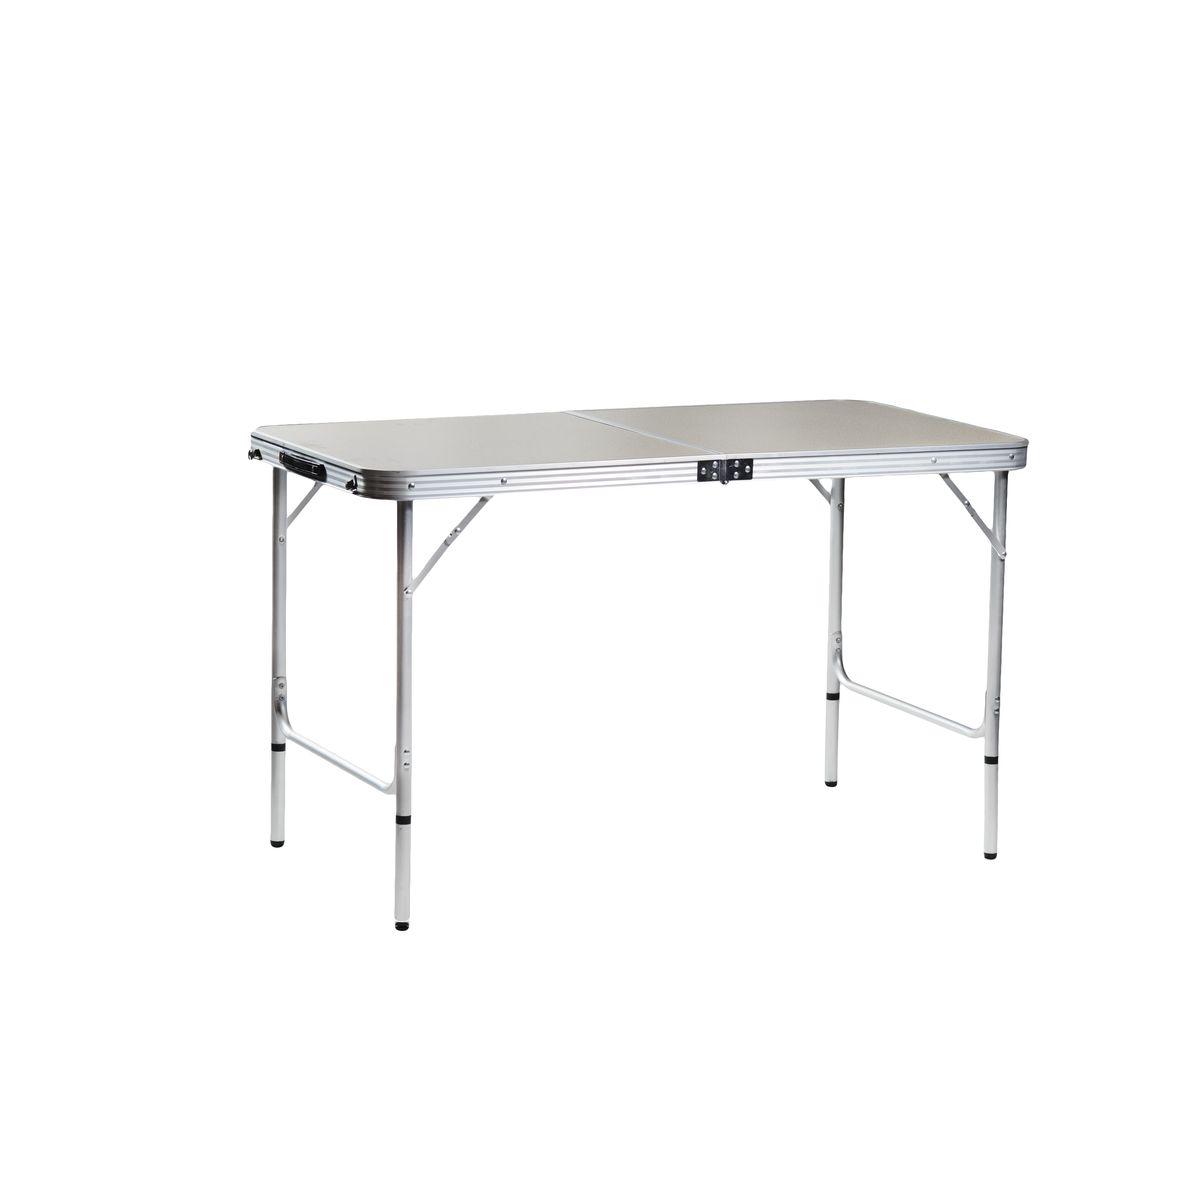 Стол складной Green Glade, 120 х 60 х 70 смМ5104Стол Green Glade прекрасно подойдет для отдыха на природе или на даче. Стол удобно и компактно складывается, легко раскладывается. Каркас выполнен из алюминия, материал столешницы - МДФ серого цвета. Оснащен ручкой для переноски. Размер стола (в собранном виде): 61 см х 61 см х 9 см. Размер стола (в разобранном виде): 120 см х 60 см х 70 см.Диаметр алюминиевых стрежней: 24 мм.